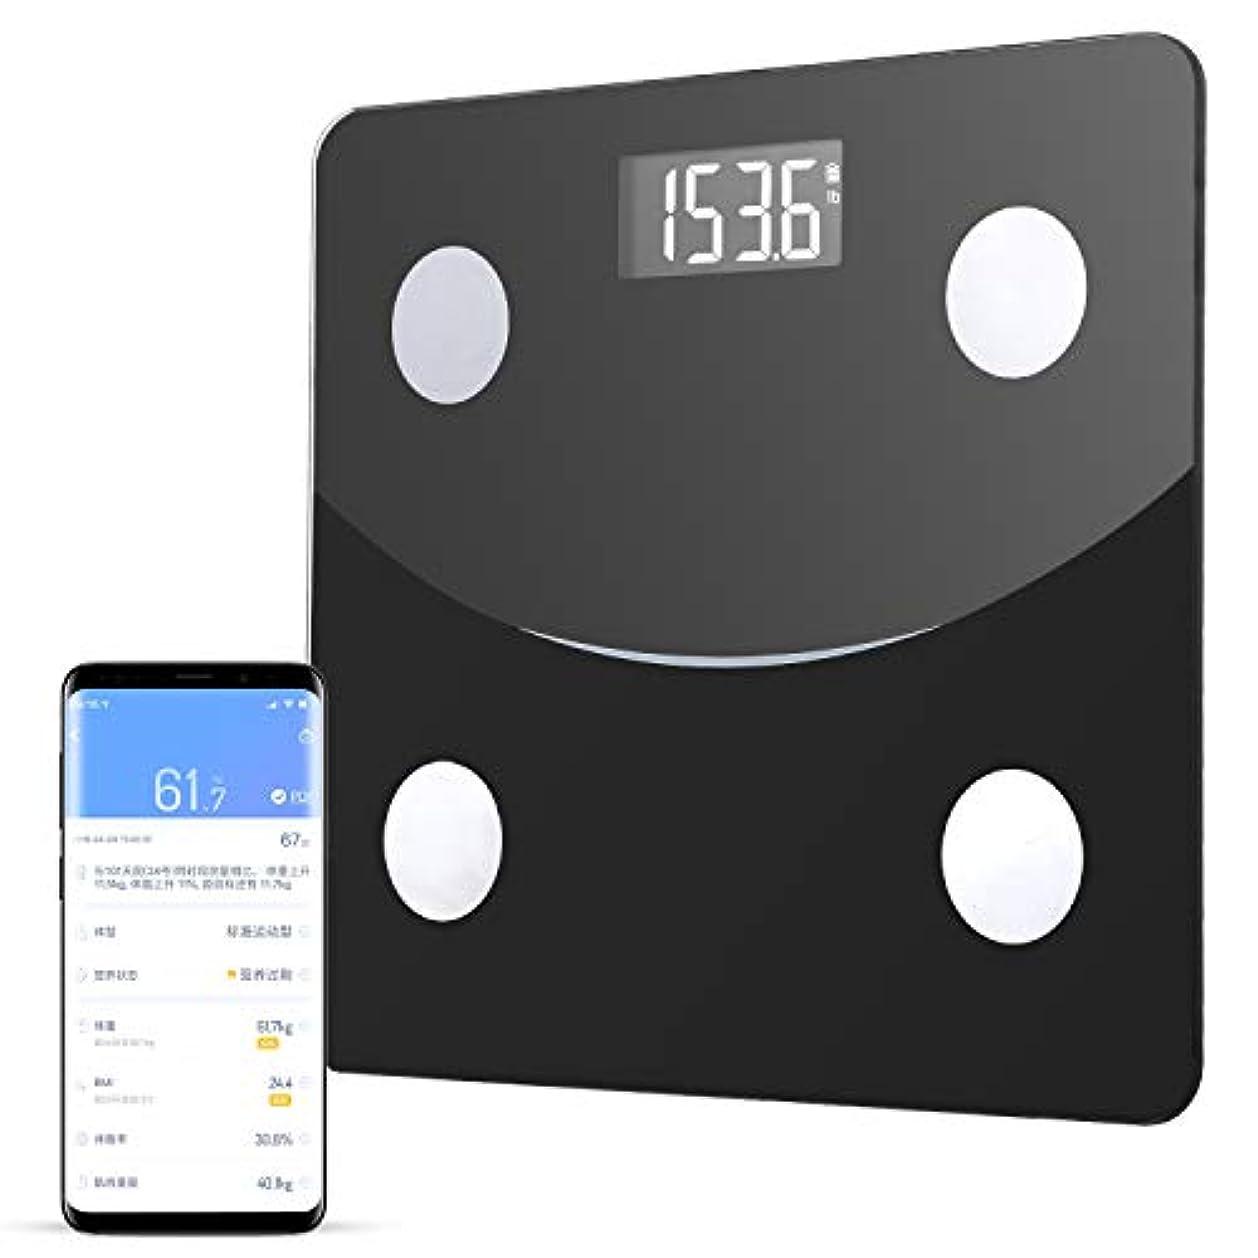 リーク汚れる敬体重計 体組成計 体脂肪計 Bluetooth スマホ対応  体脂肪率やBMI/体重/基礎代謝など測定できる ダイエットや健康管理に役立つ 収納便利 180 kgまで 日本語説明書付き (ブラック)